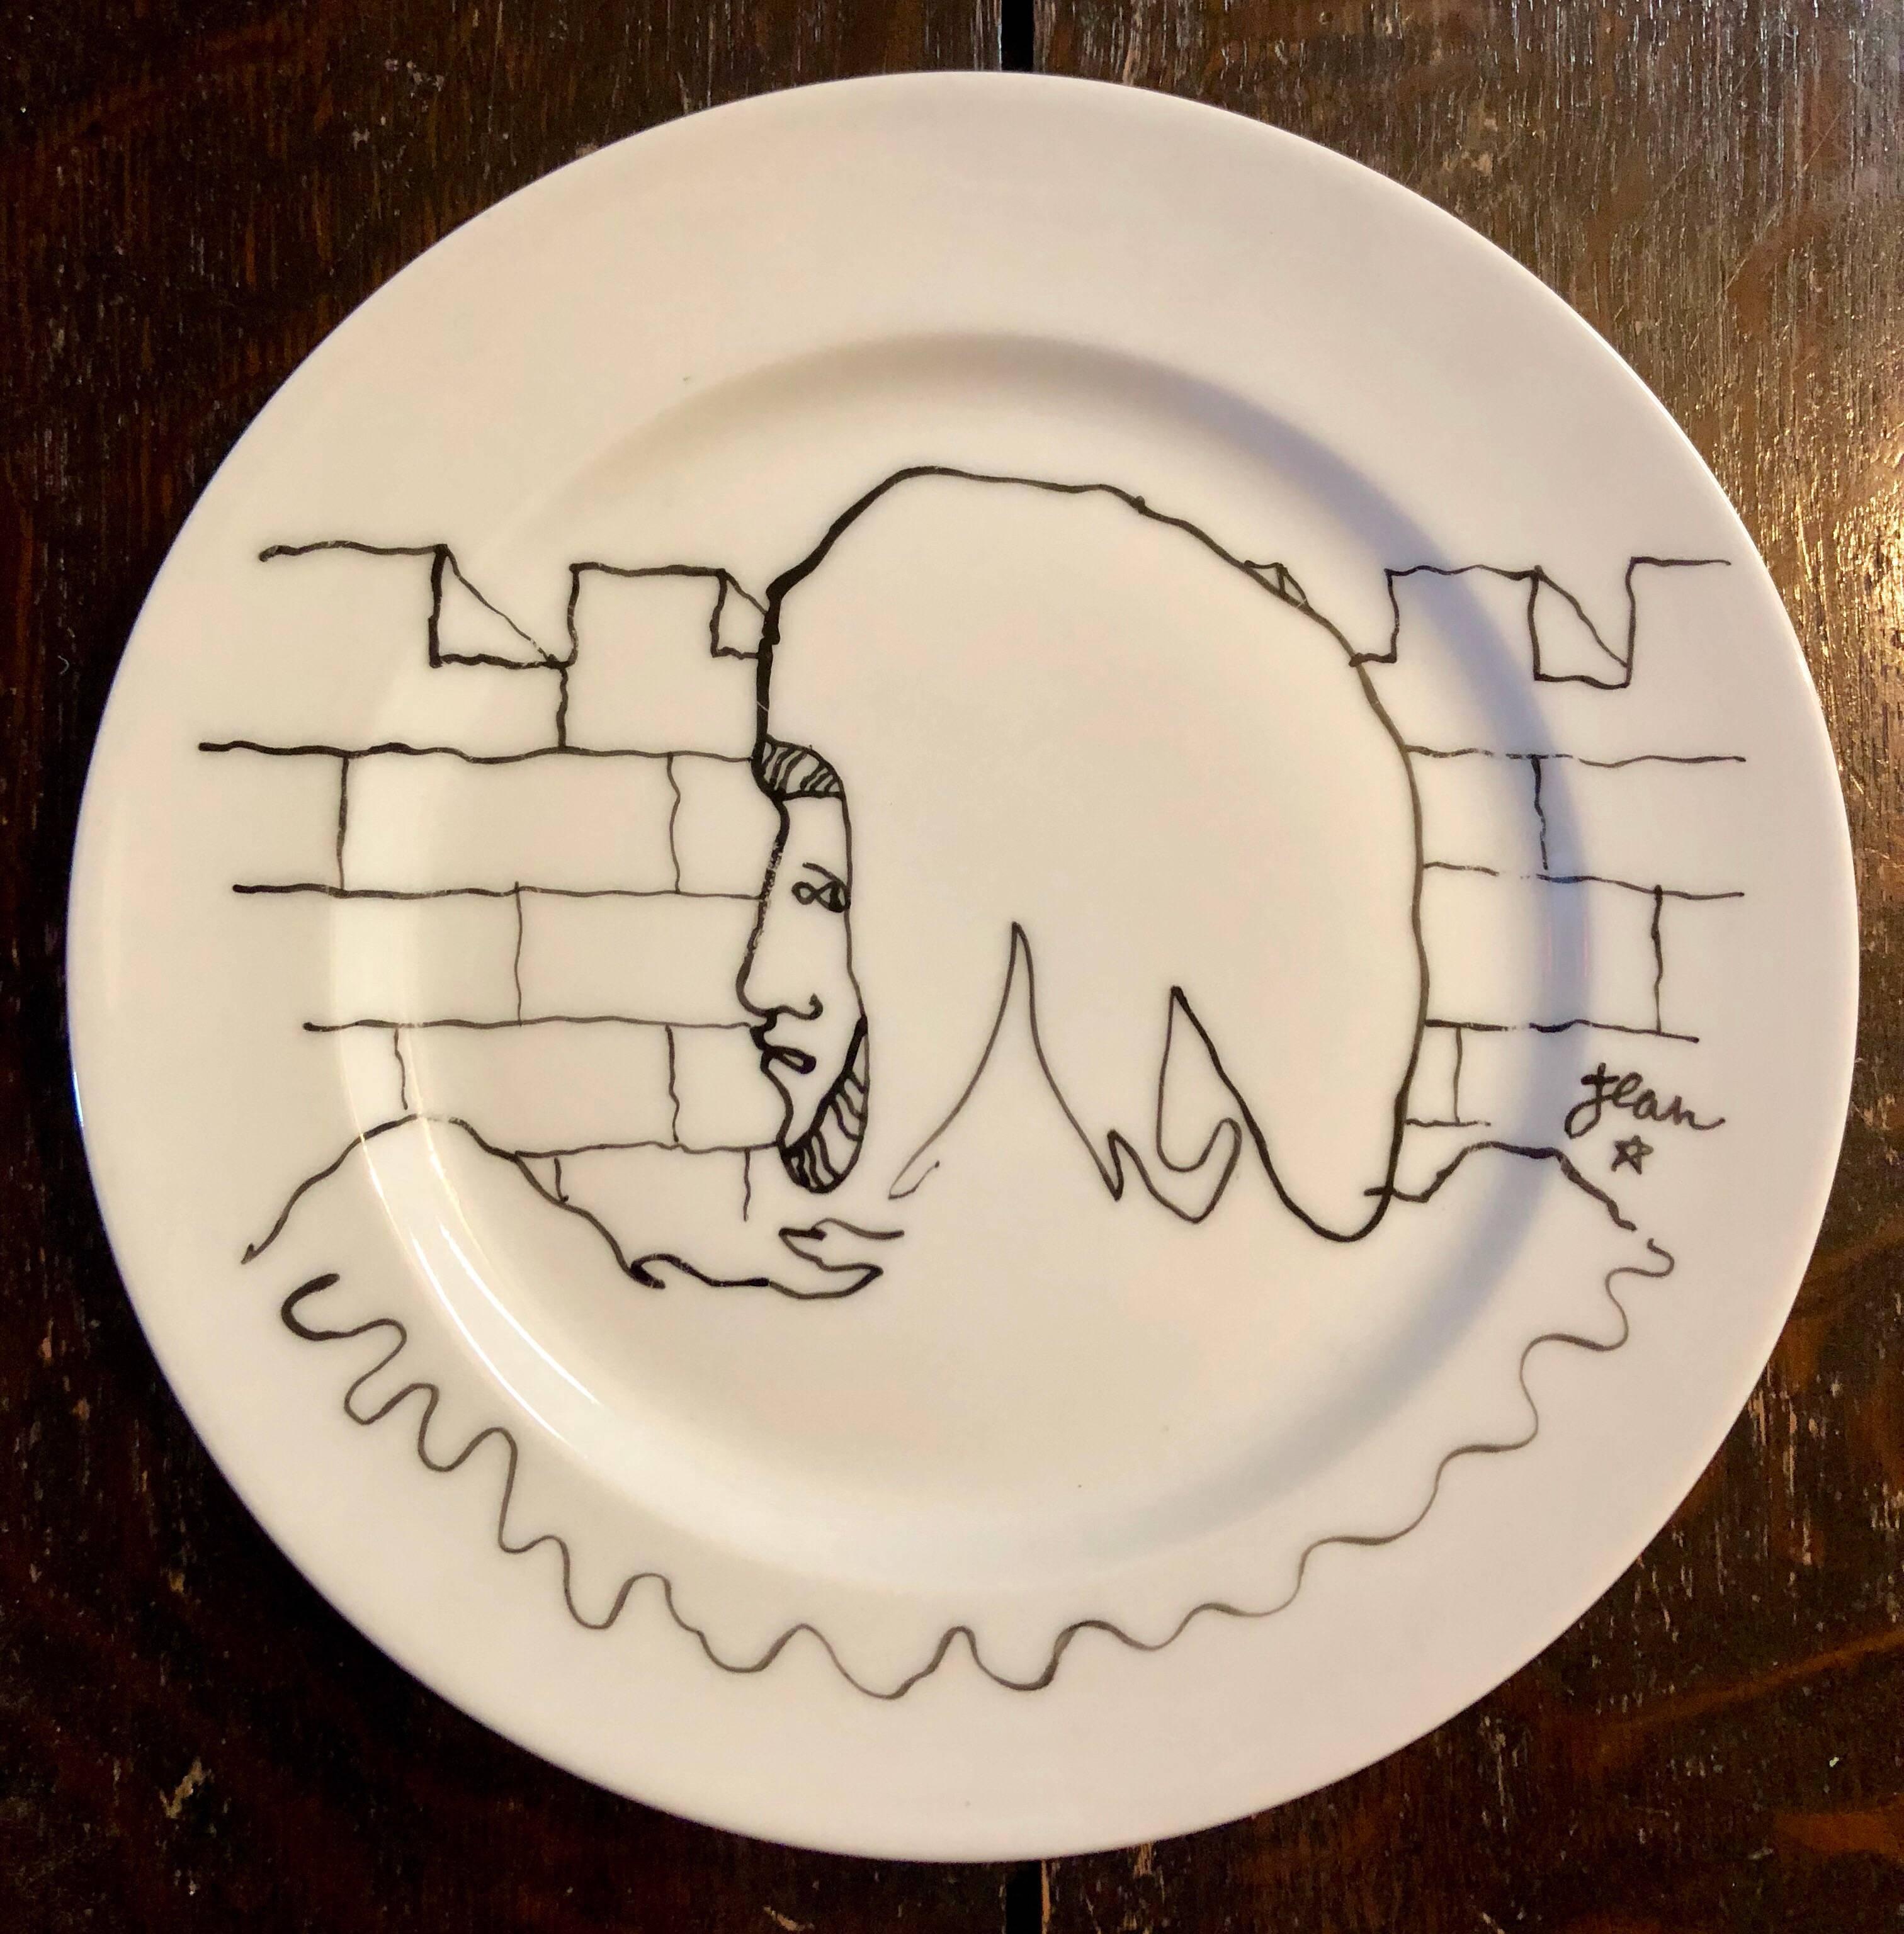 Porcelain Plate With Cocteau Art Deco Surrealist Design Drawing Christofle